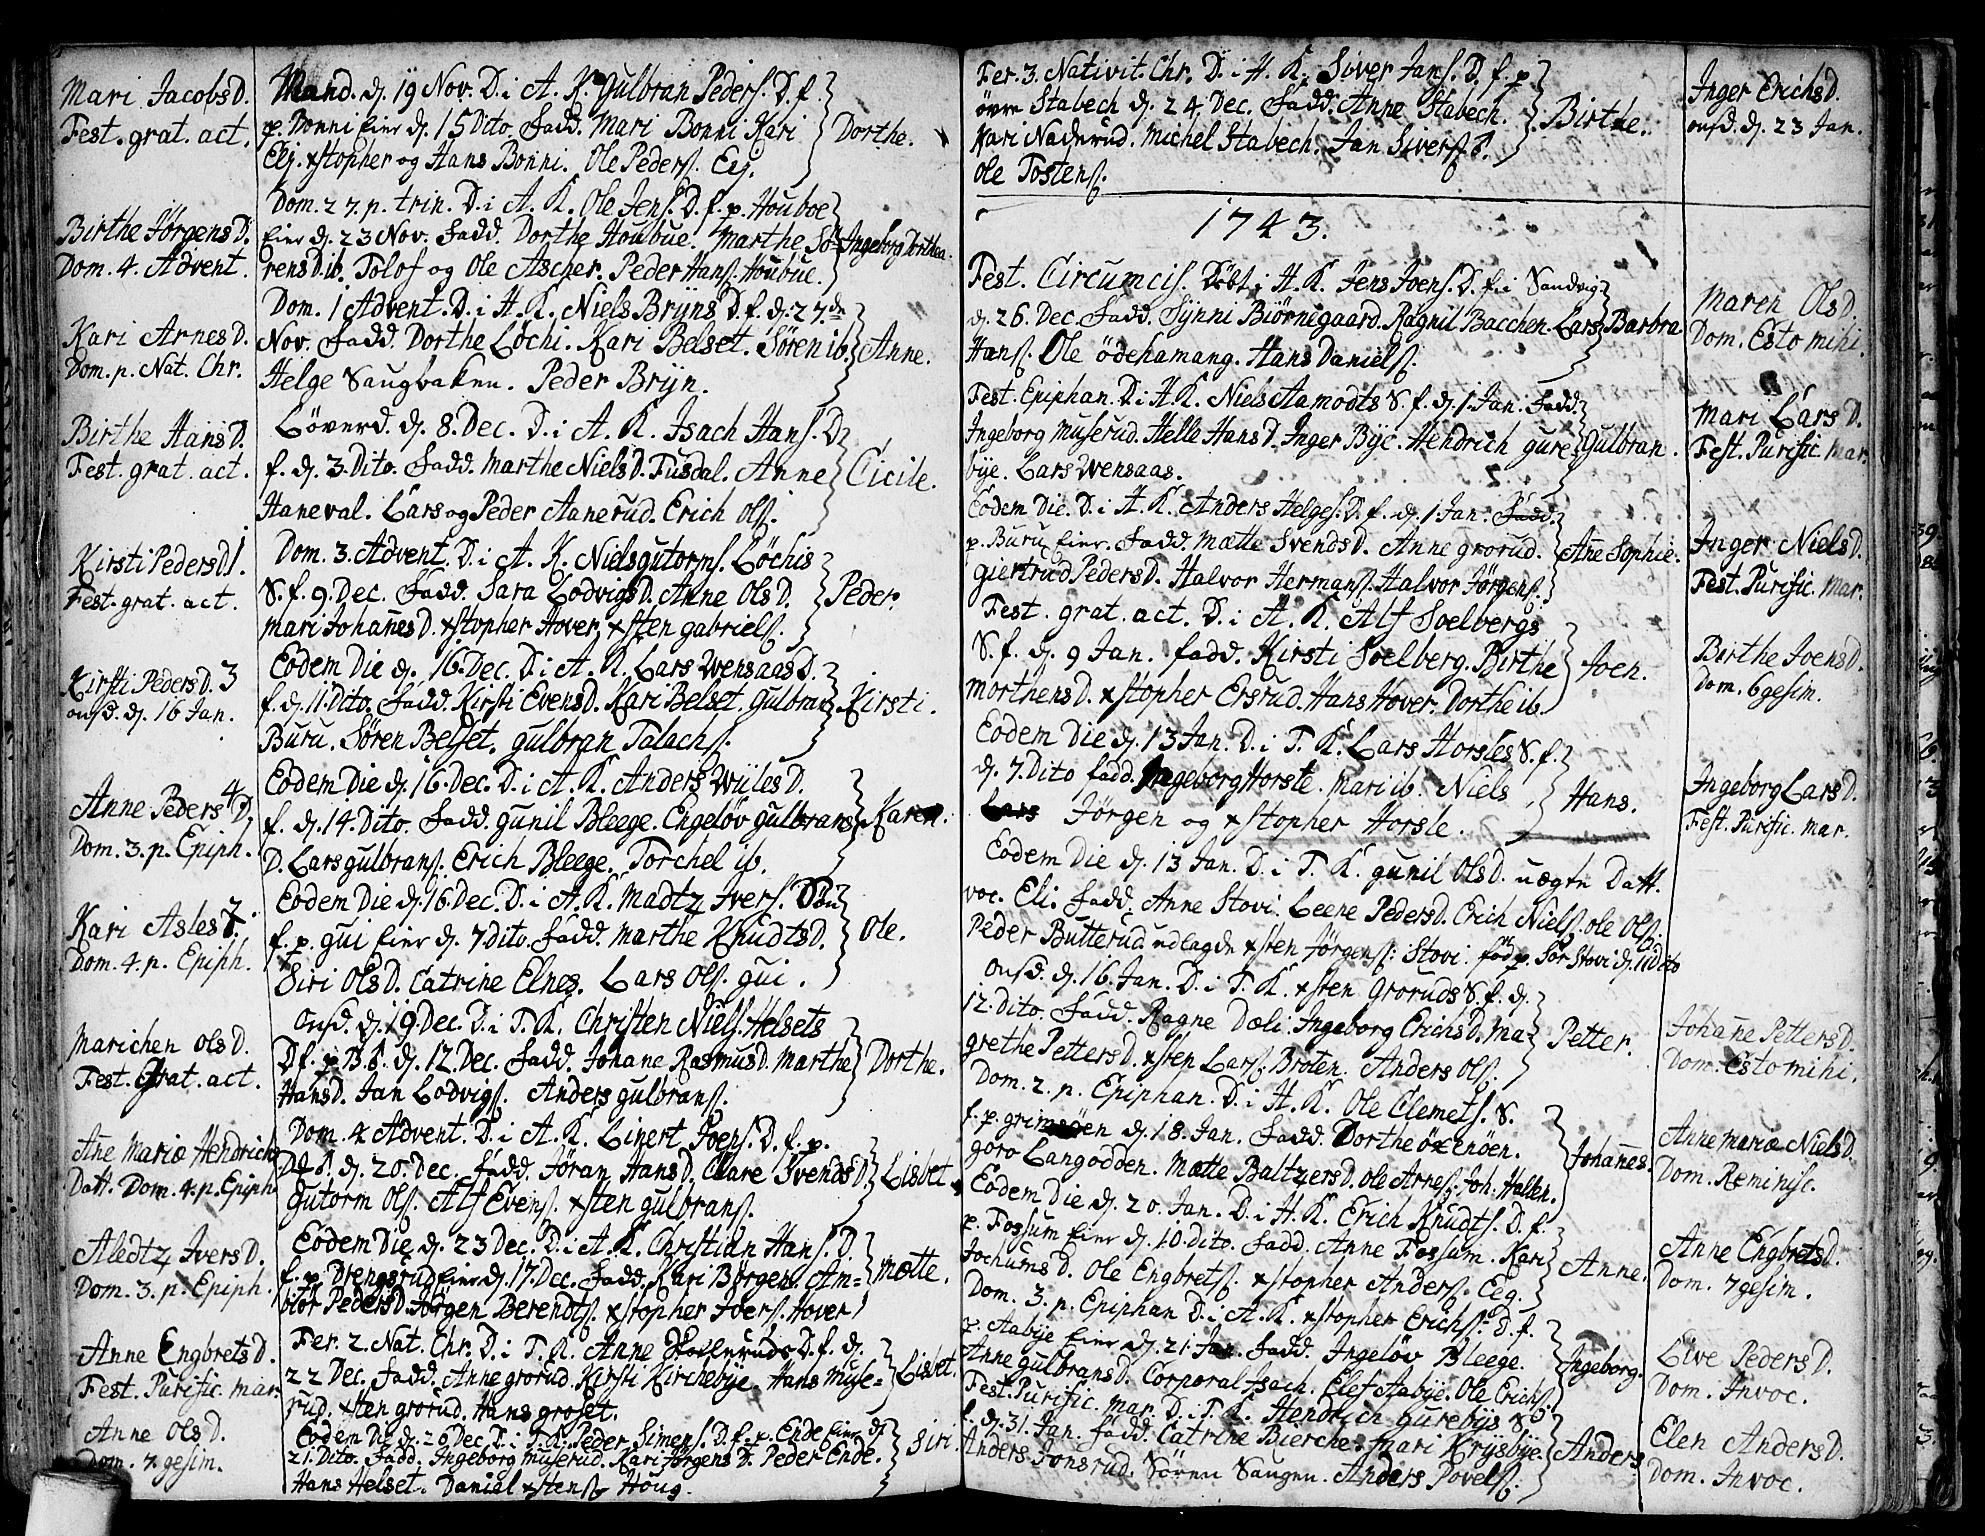 SAO, Asker prestekontor Kirkebøker, F/Fa/L0001: Ministerialbok nr. I 1, 1726-1744, s. 78